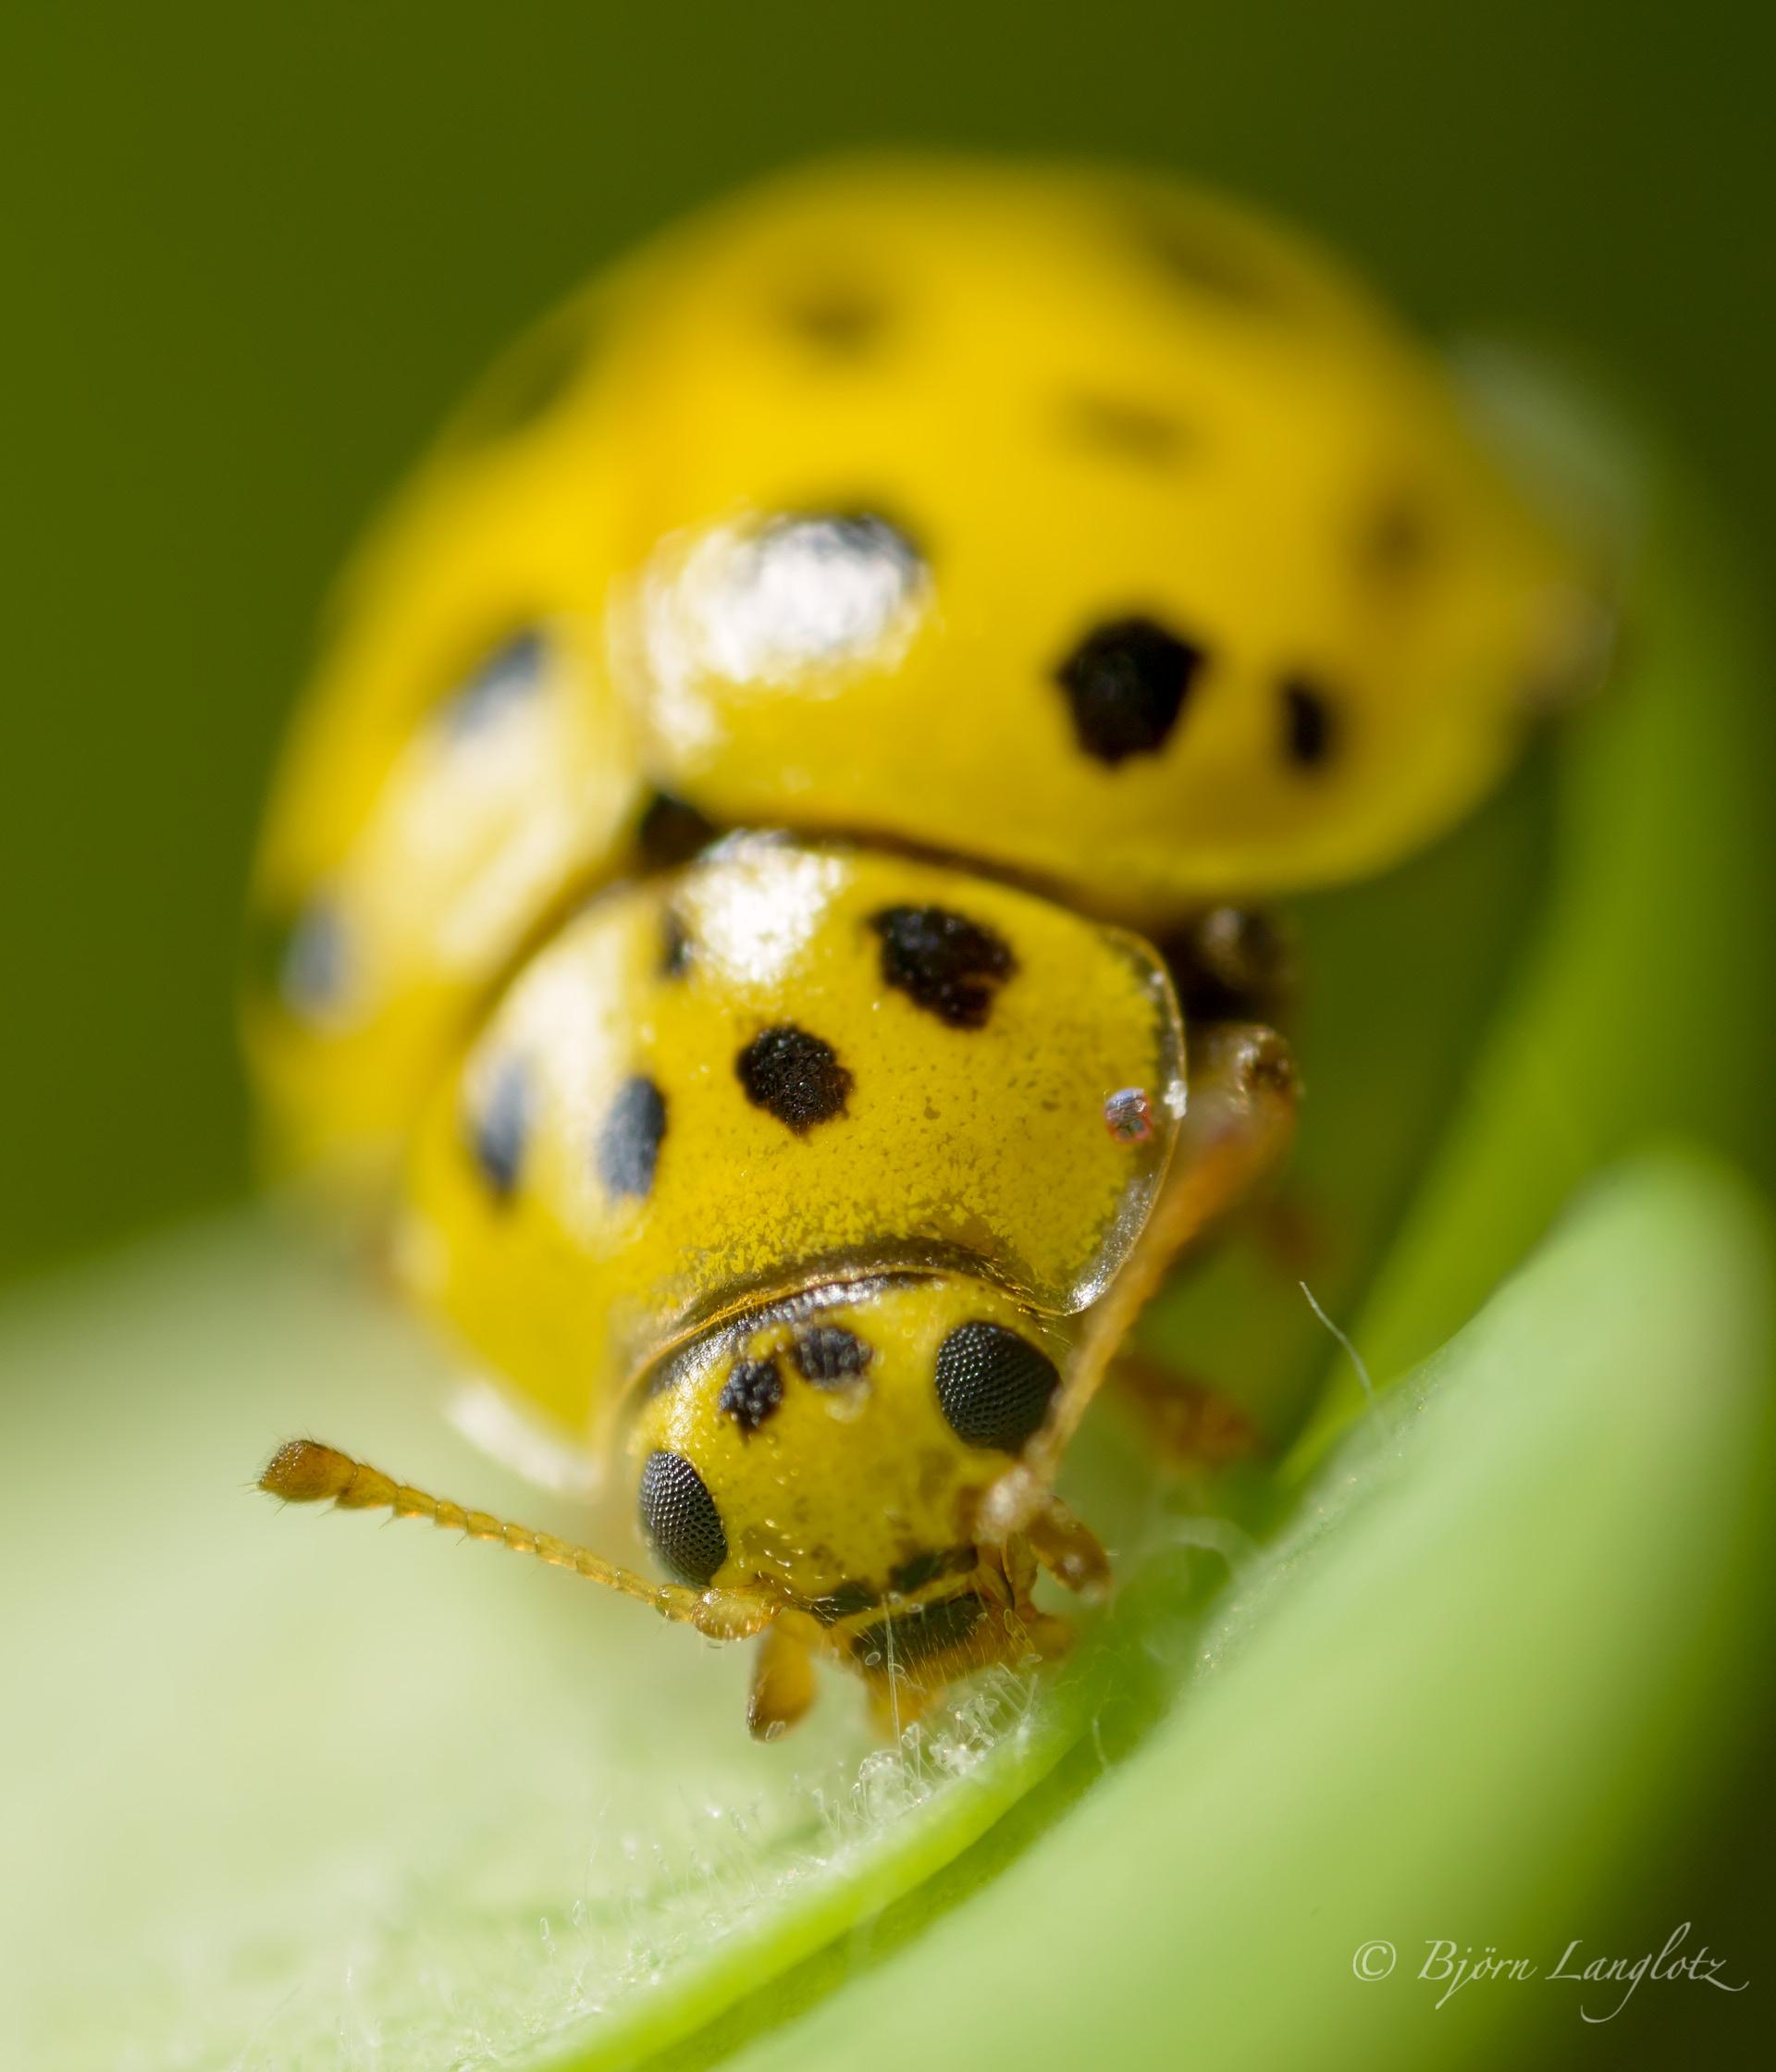 Dieses Naturfoto zeigt einen Zweiundzwanzigpunkt-Marienkäfer (Psyllobora vigintiduopunctata) der sich von Mehrltau ernährt (etwa 7-fache Vergrößerung)Kamera: NIKON D800E Leica Photoar II 25 mm 1/250 s bei Blende f/2.0